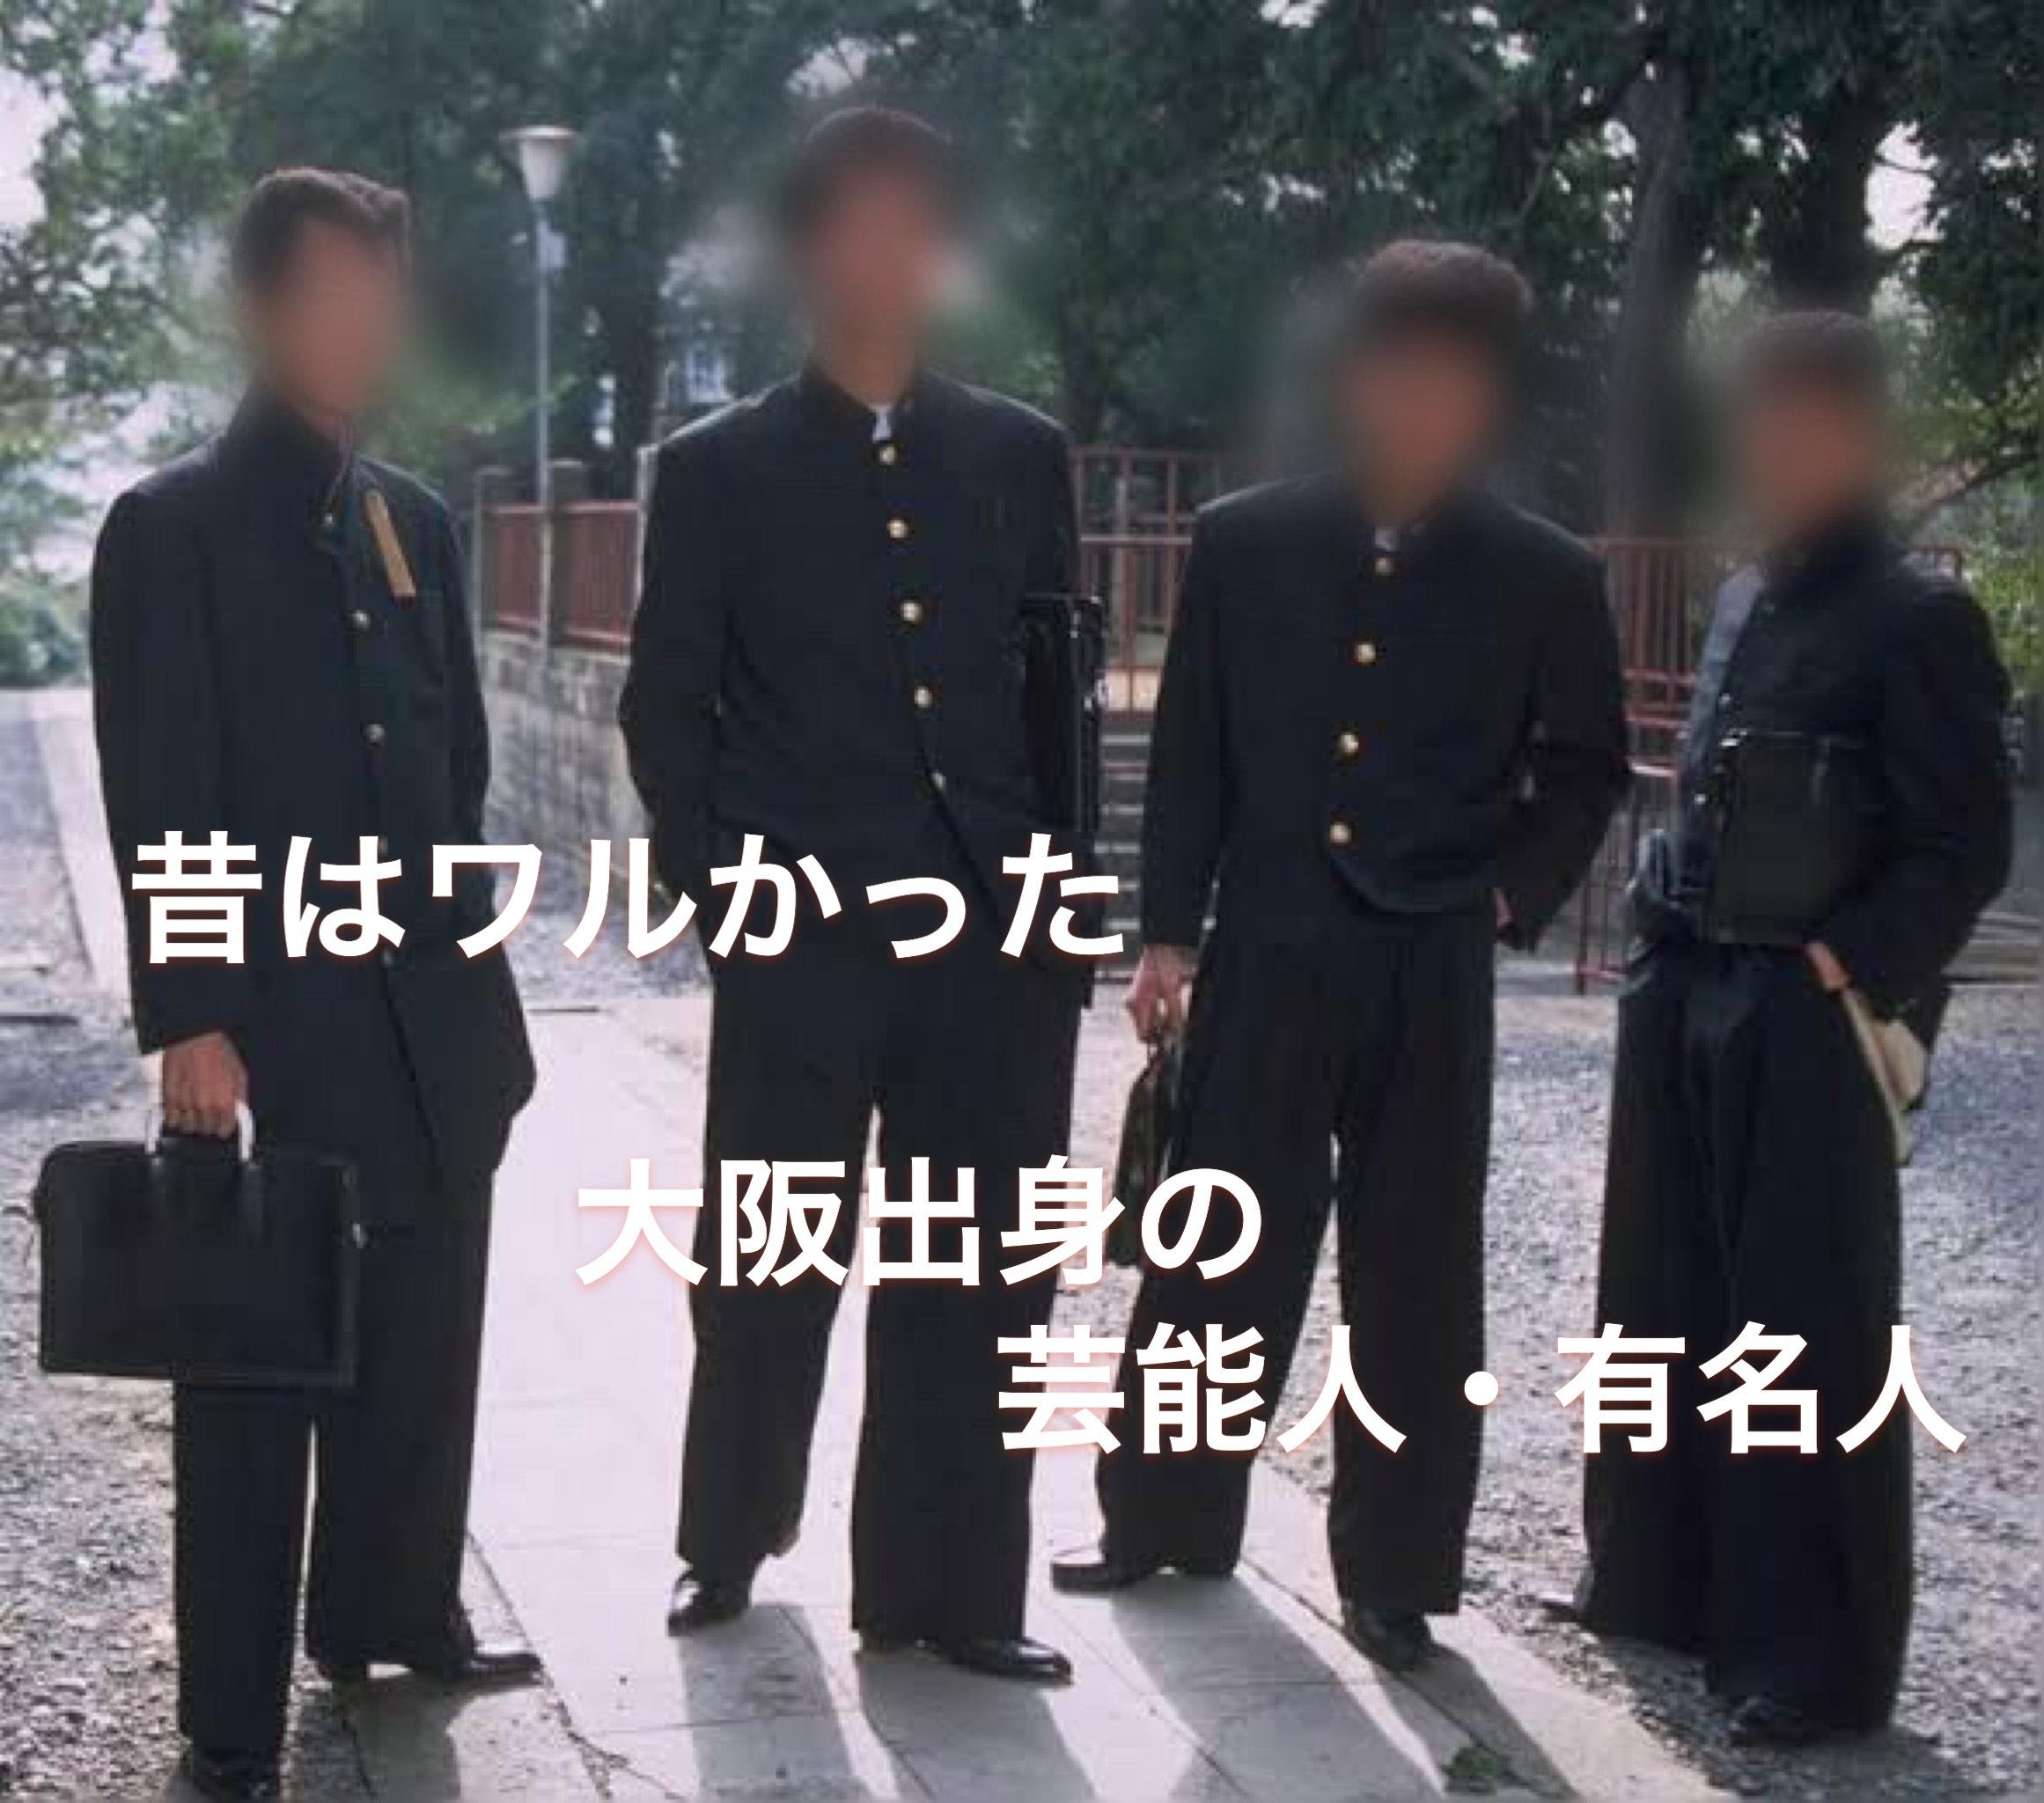 昔はワルかった!元ヤンで不良と呼ばれた大阪出身の芸能人や有名人 ...